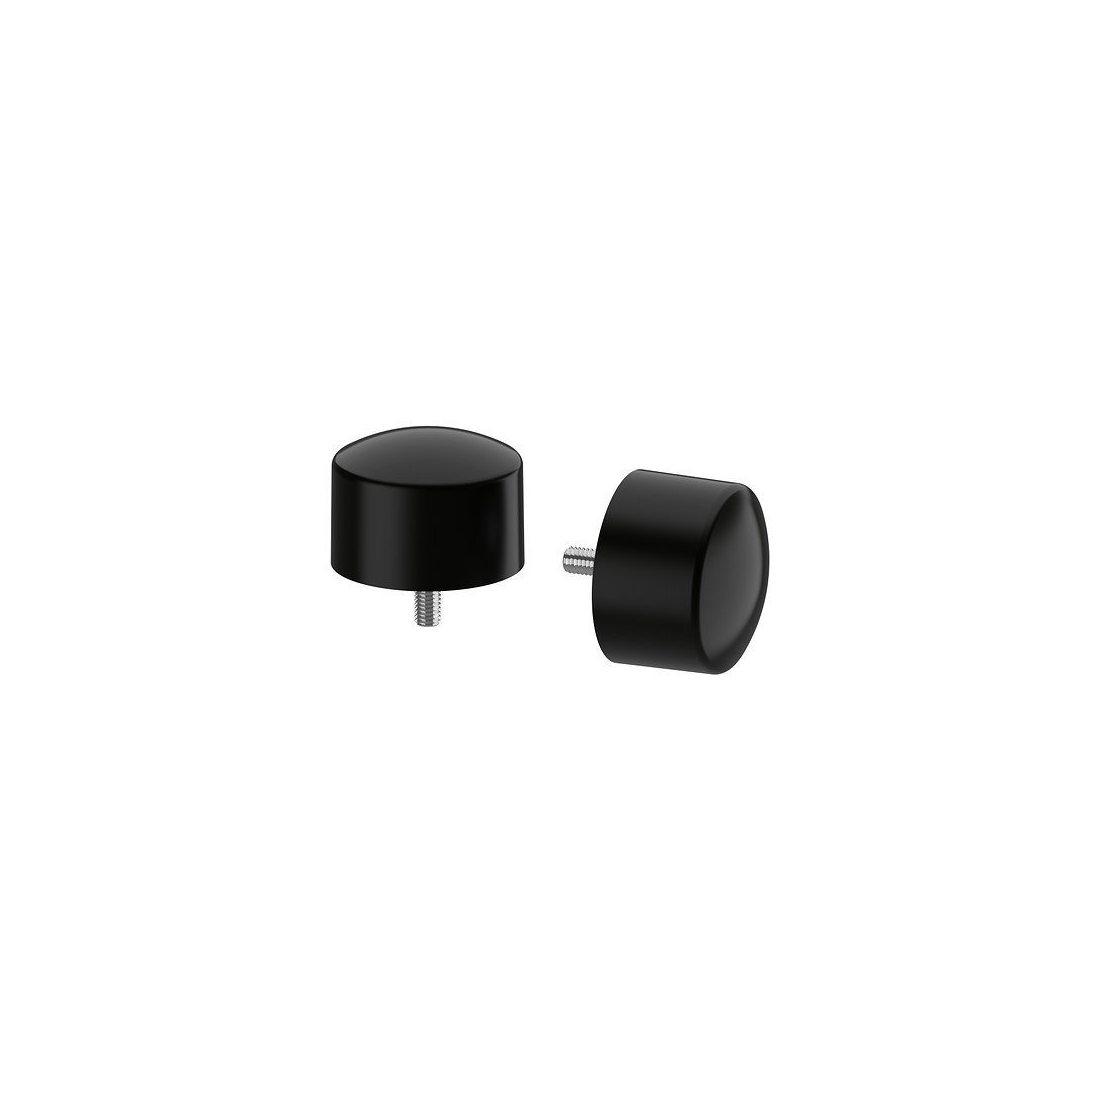 Ikea raffig embout noir paquet 2 - Delai de livraison ikea ...